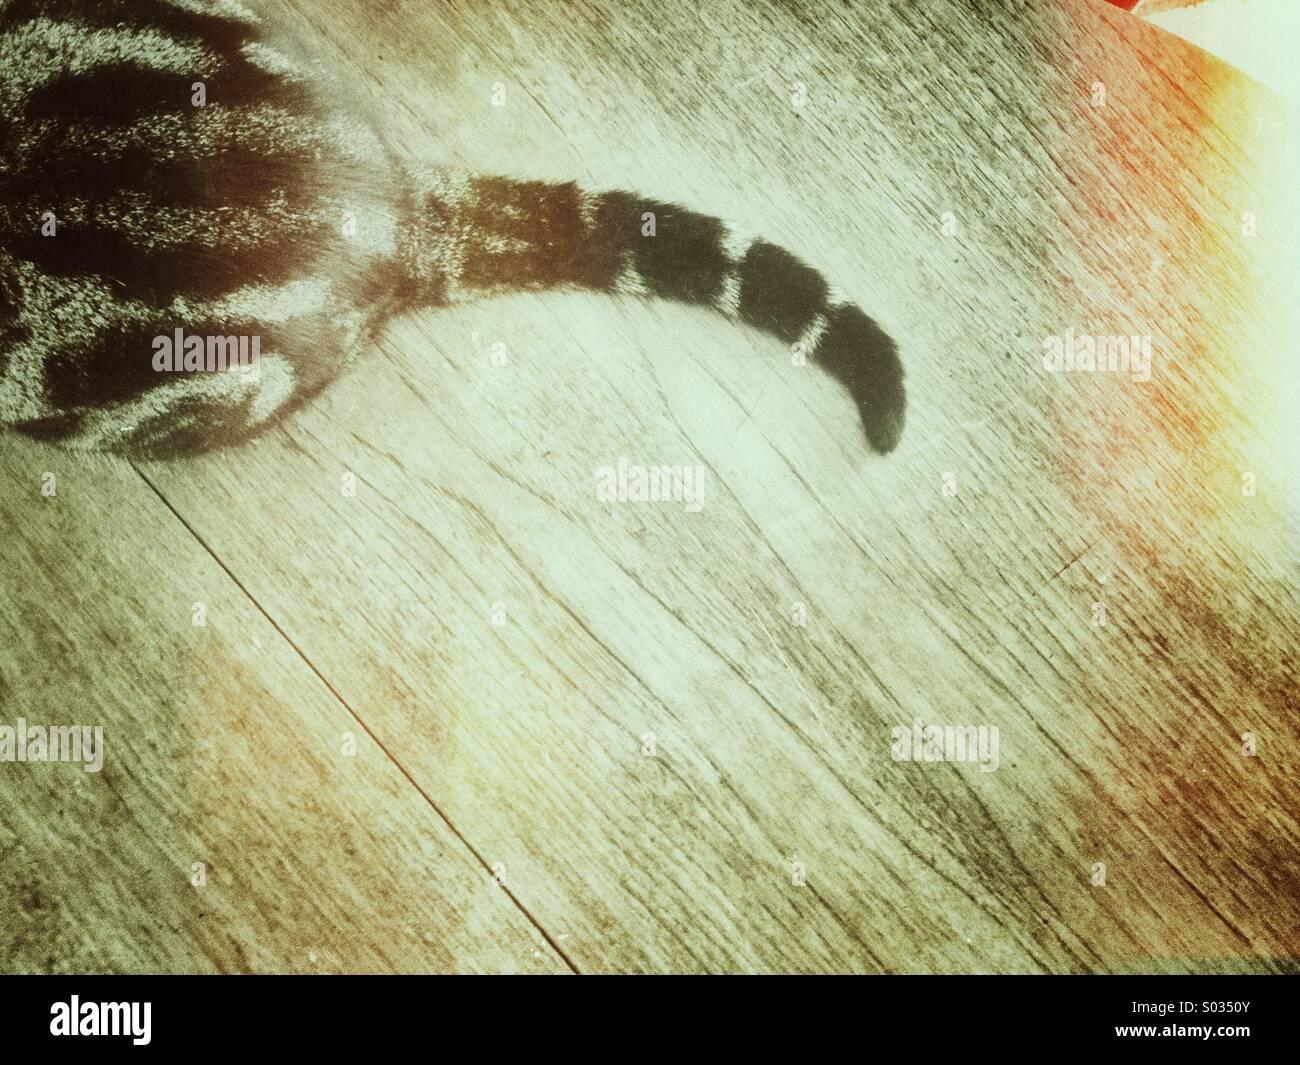 Katze-Tail mit Grunge-Effekt und Kopie. Stockbild